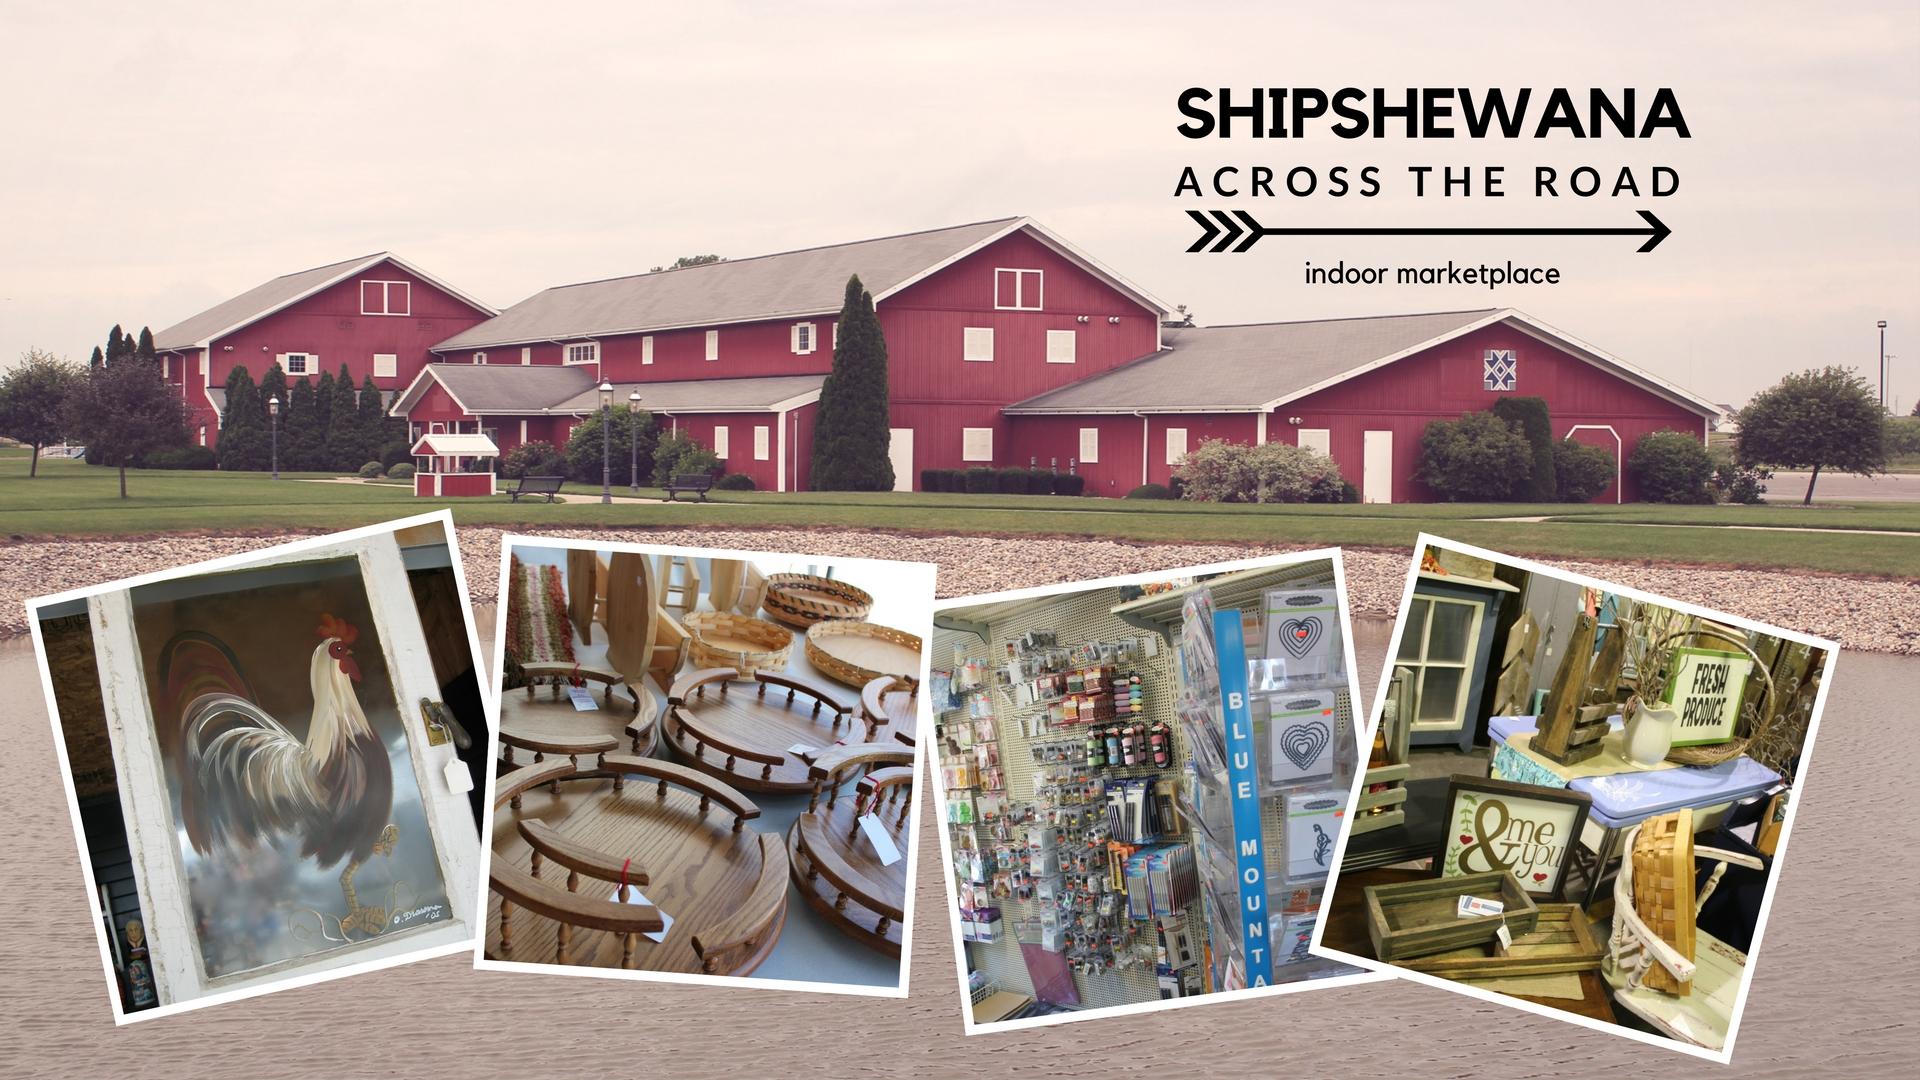 Shipshewana Across the Road Indoor Market